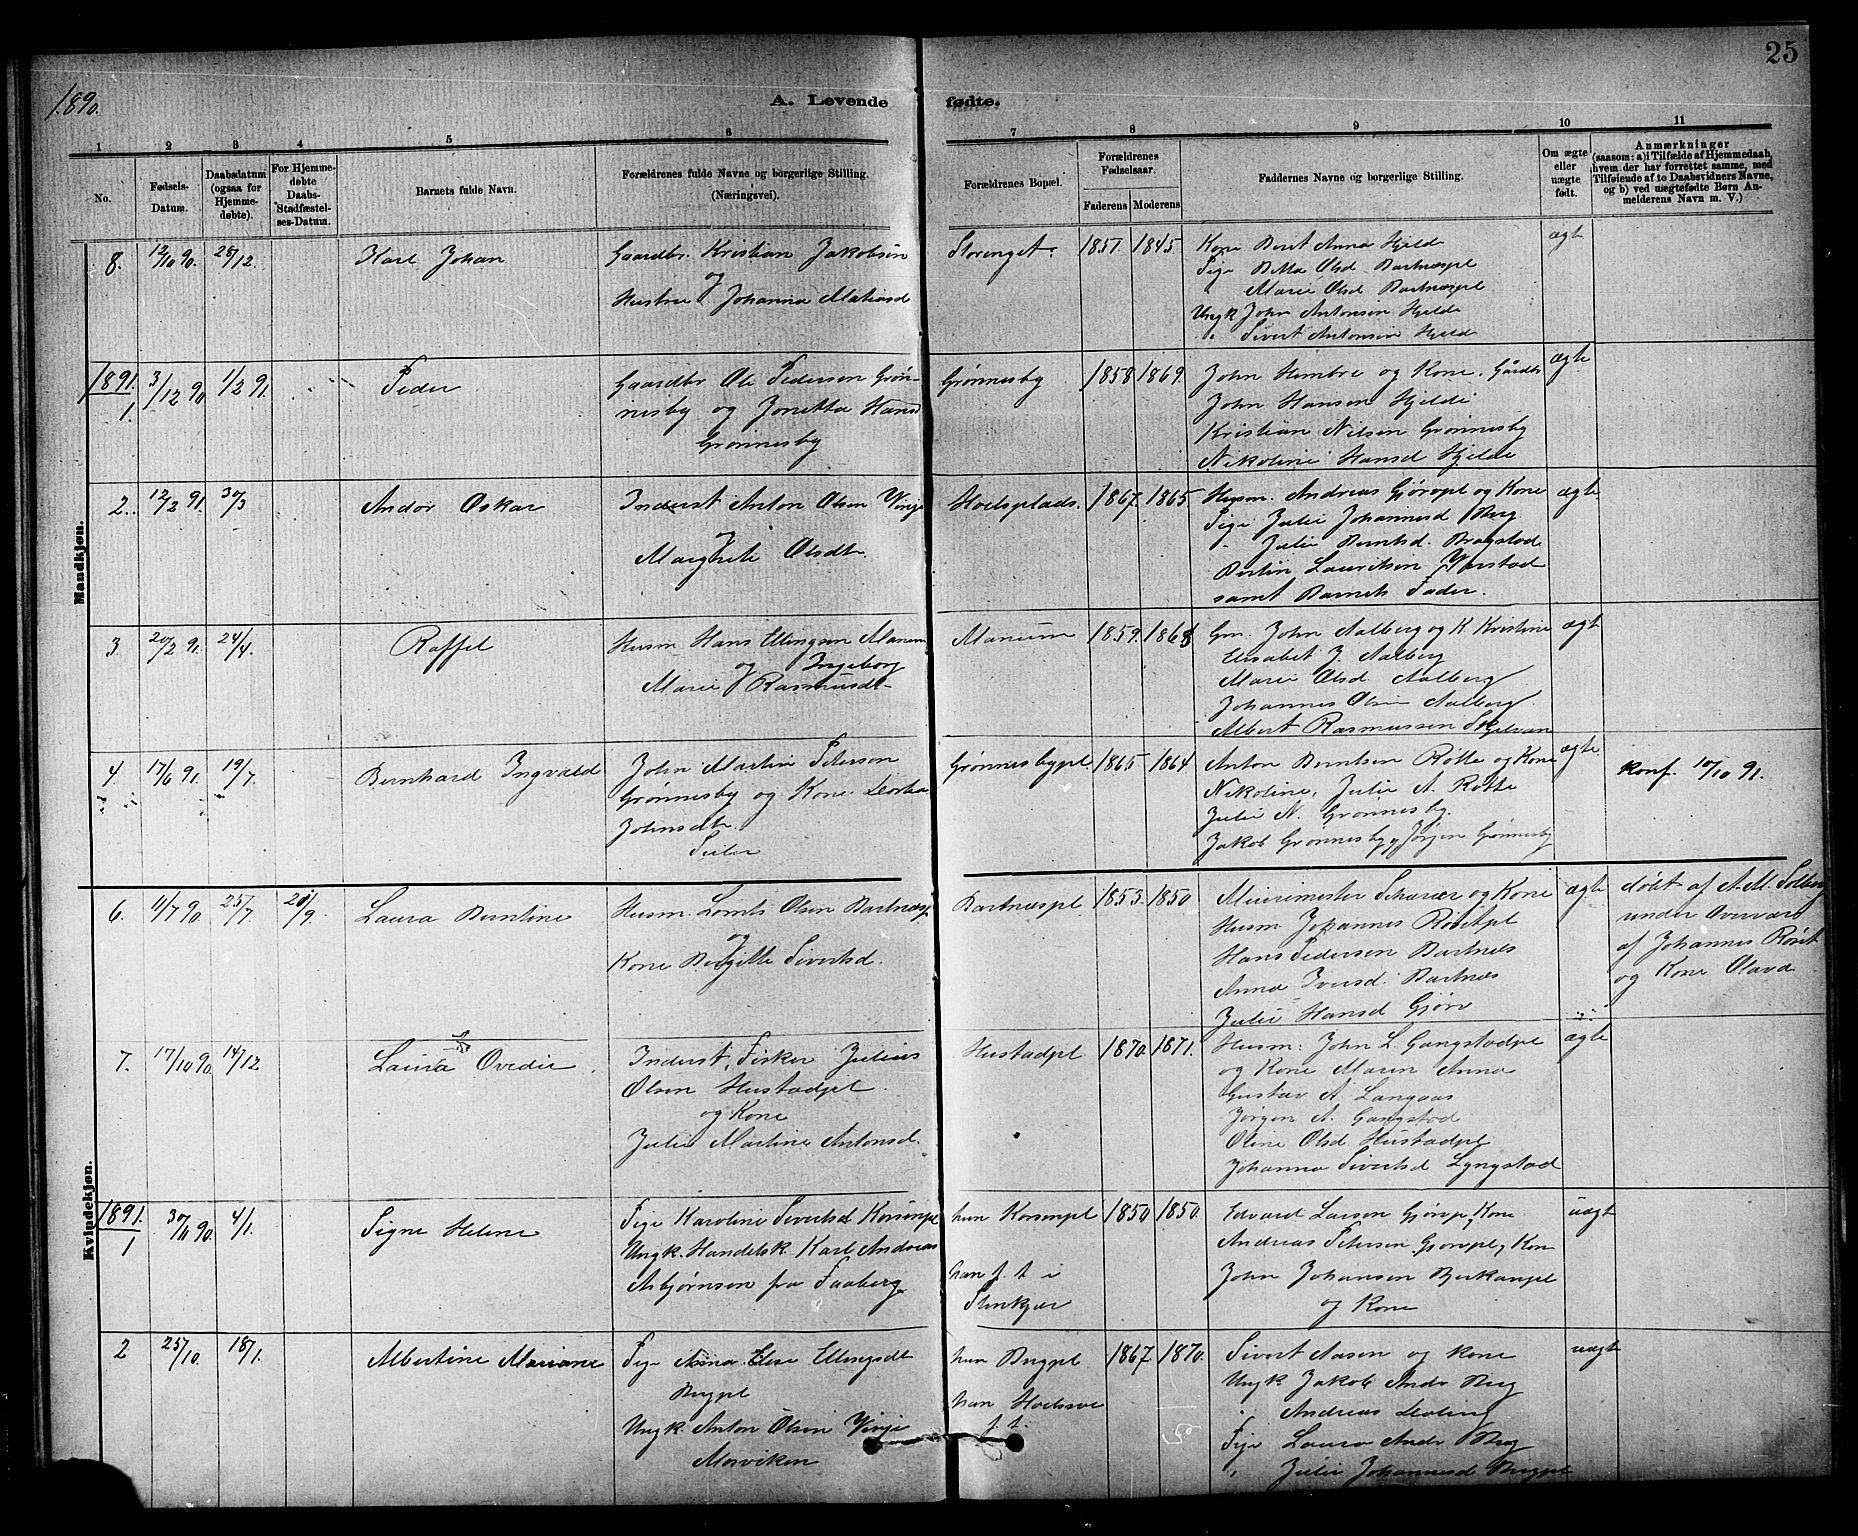 SAT, Ministerialprotokoller, klokkerbøker og fødselsregistre - Nord-Trøndelag, 732/L0318: Klokkerbok nr. 732C02, 1881-1911, s. 25